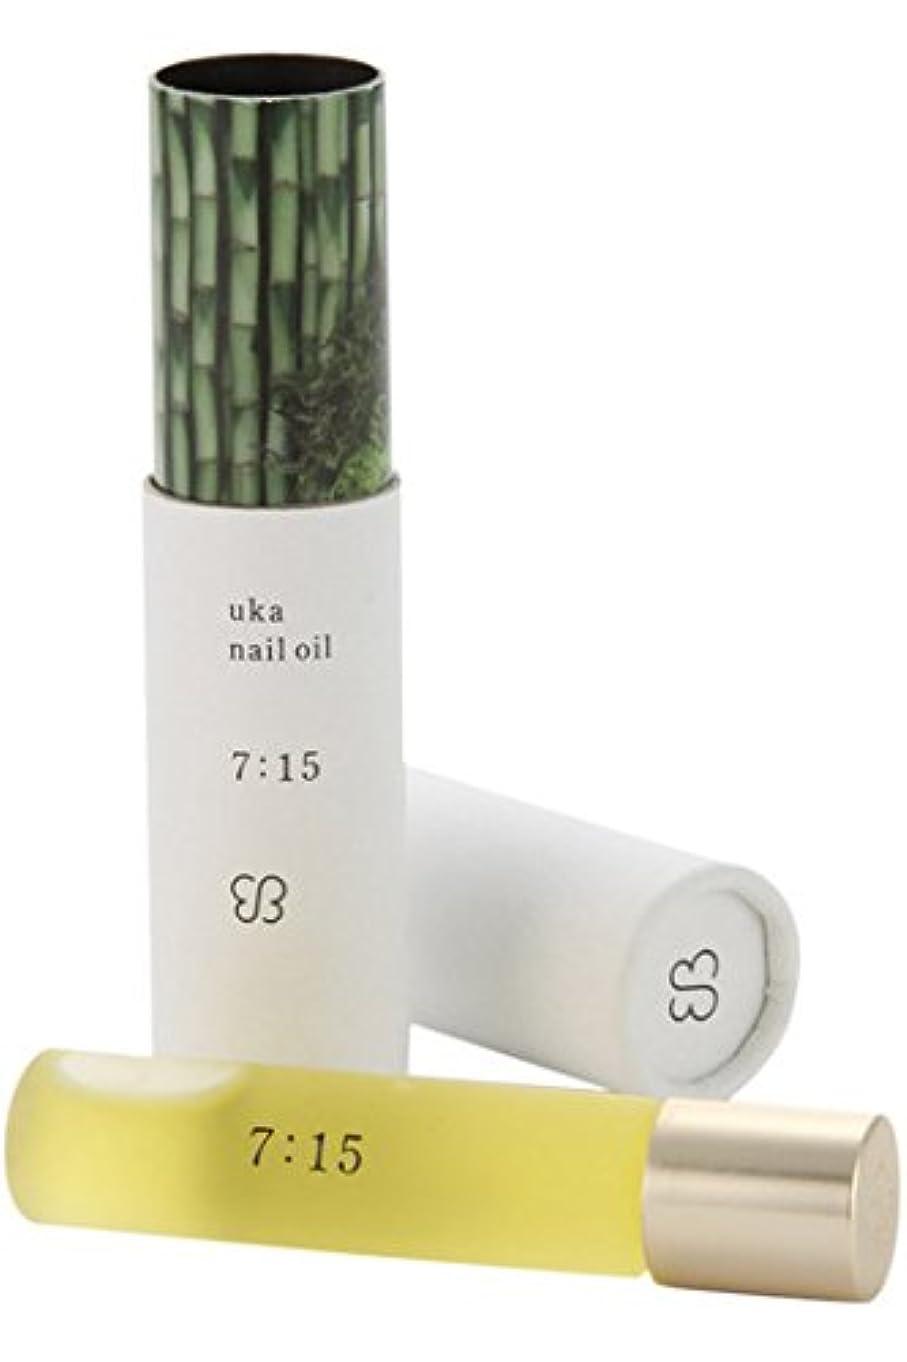 デザートモスク評価するウカ(uka) ネイルオイル 7:15(ナナイチゴ)〈檜と柚子の香り〉 5ml